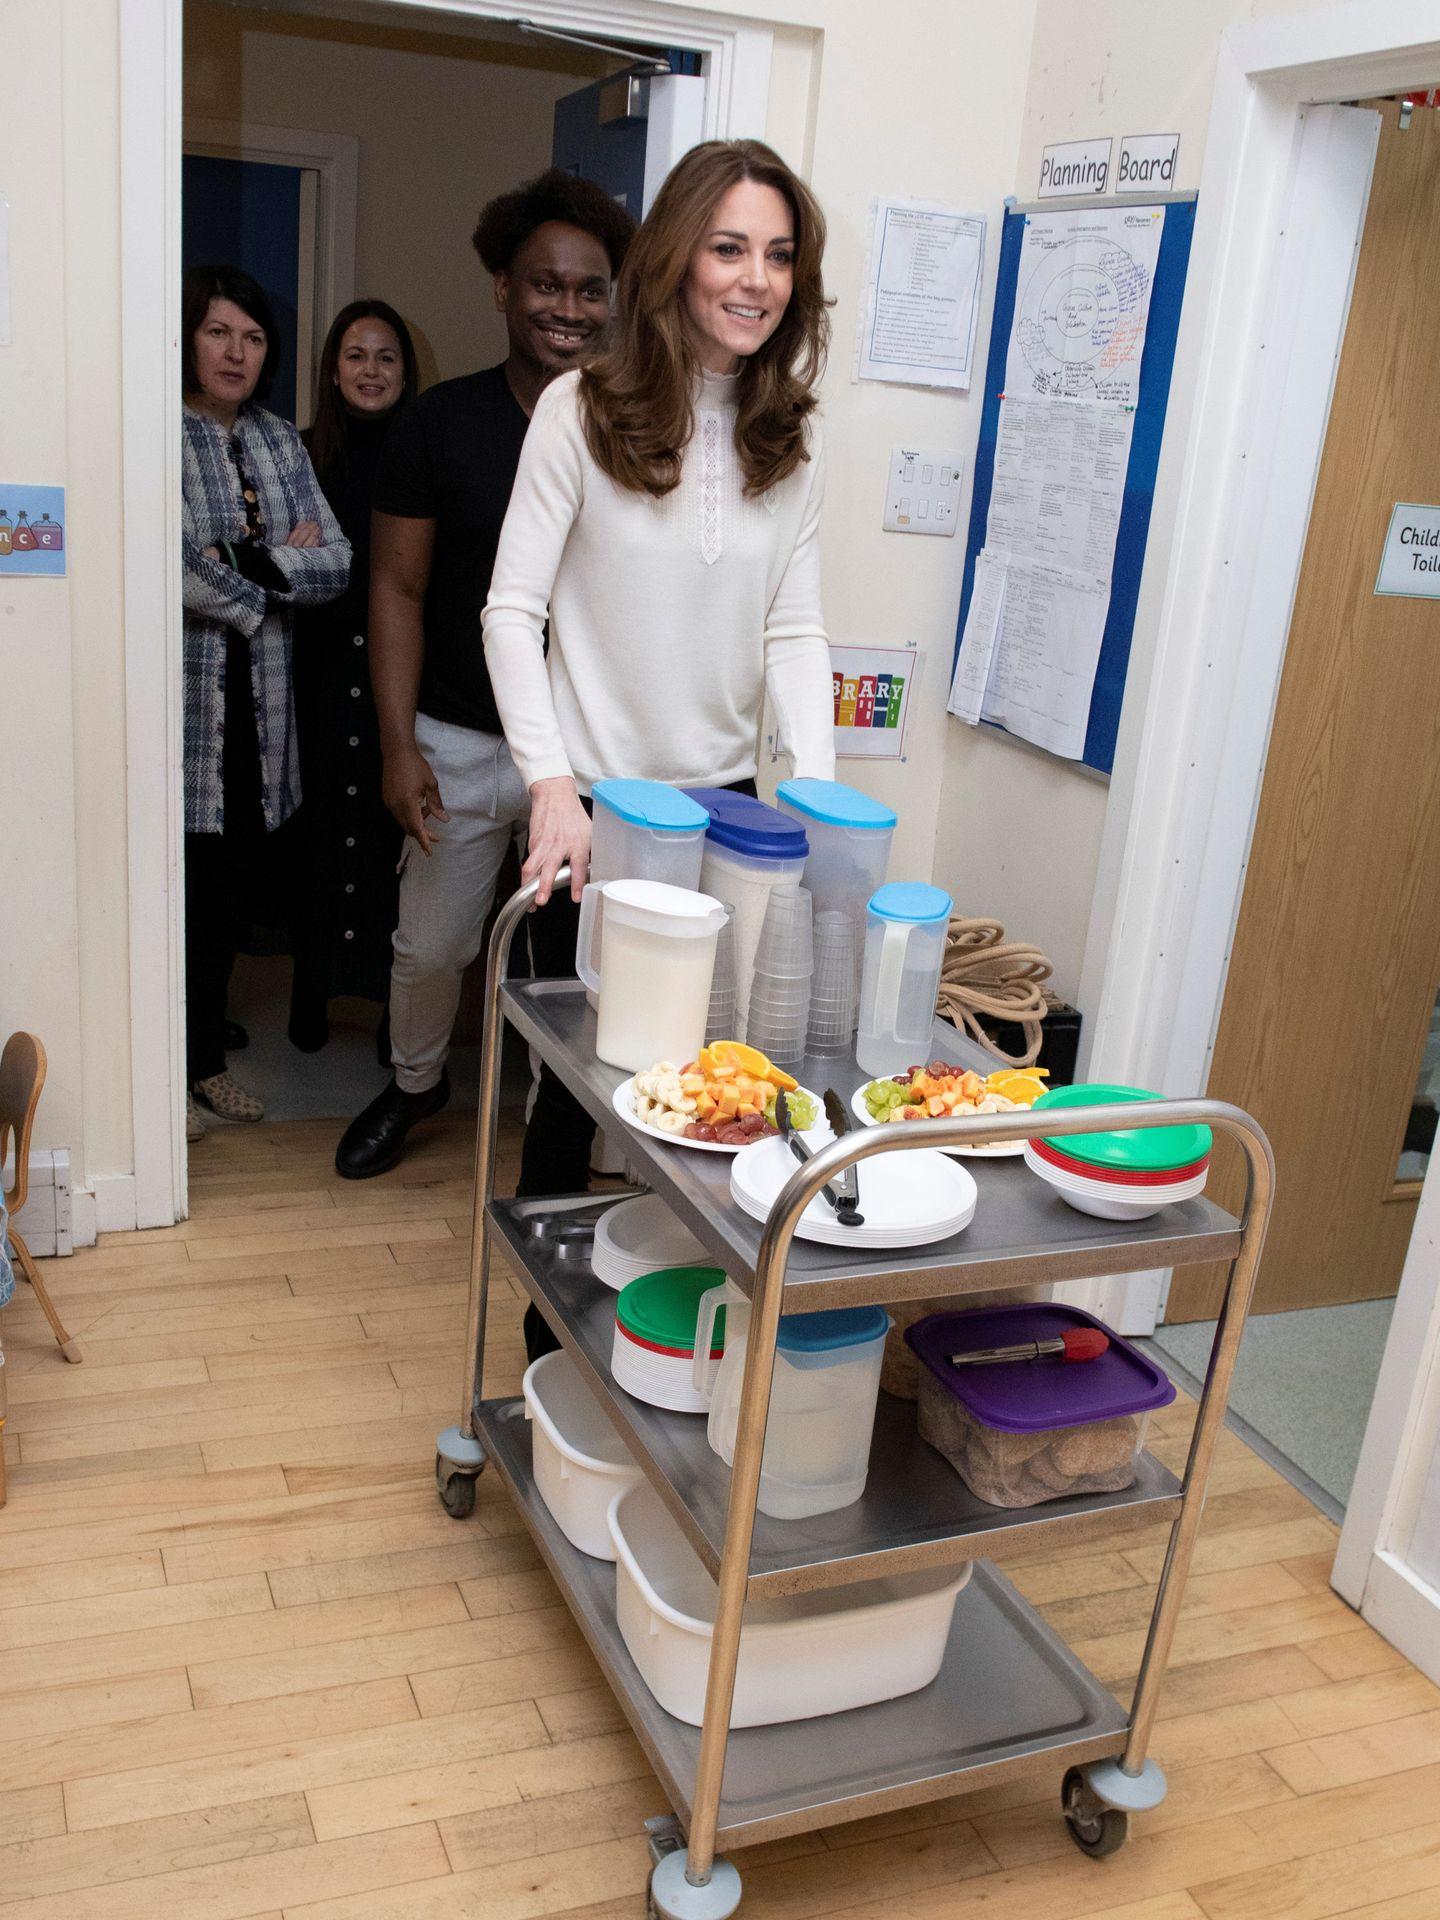 La duquesa de Cambridge, este miércoles, echando una mano con los desayunos en una guardería de Londres. (Reuters)